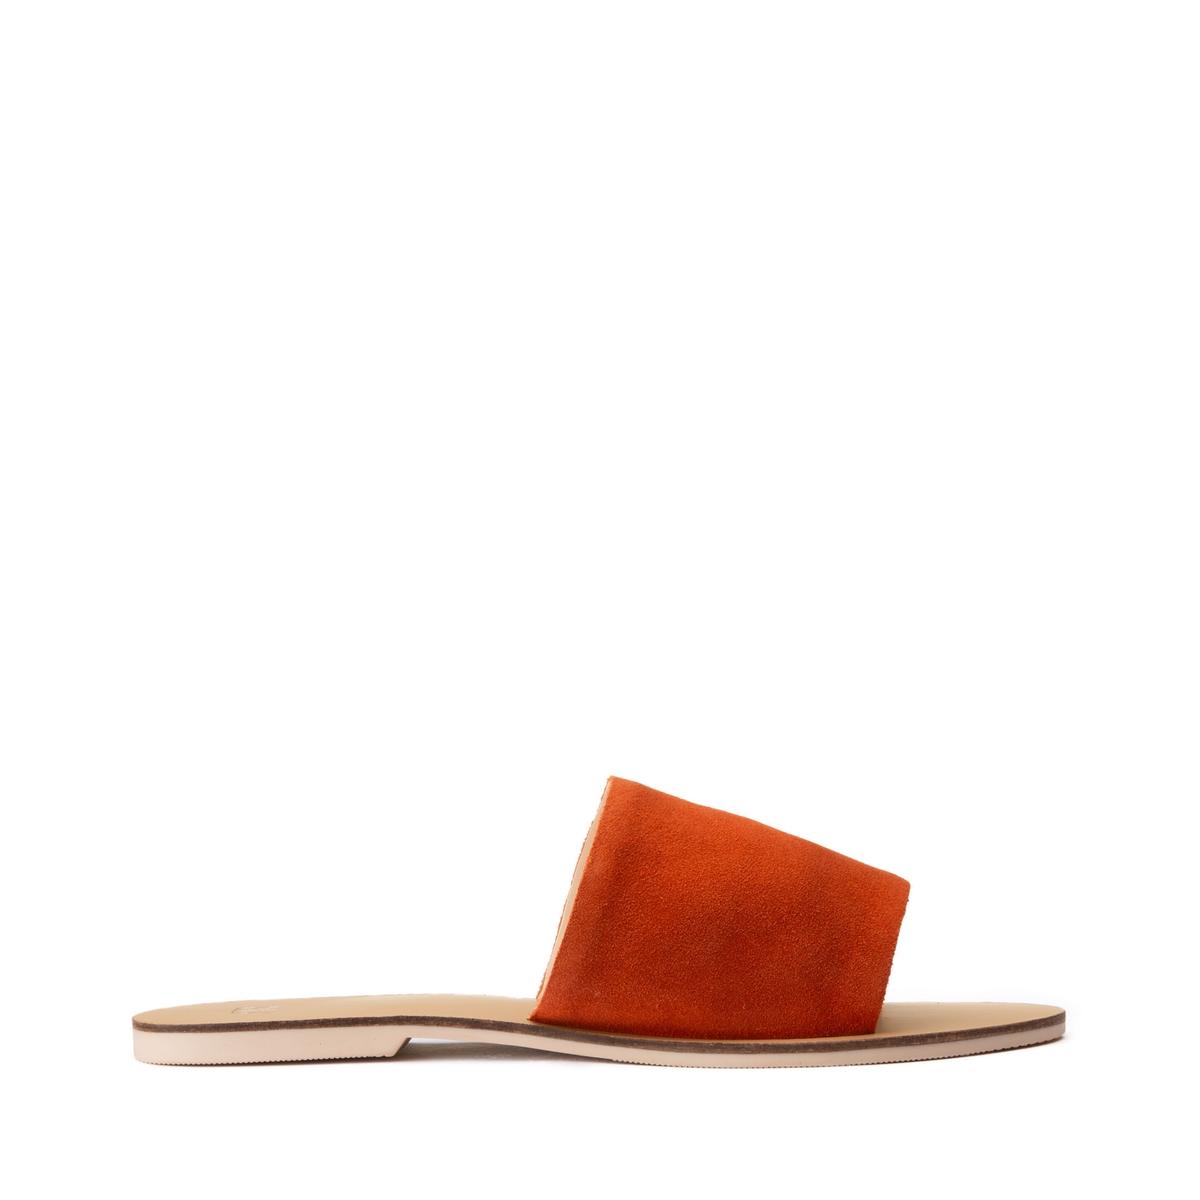 Туфли La Redoute Без задника из кожи на плоском каблуке 40 оранжевый